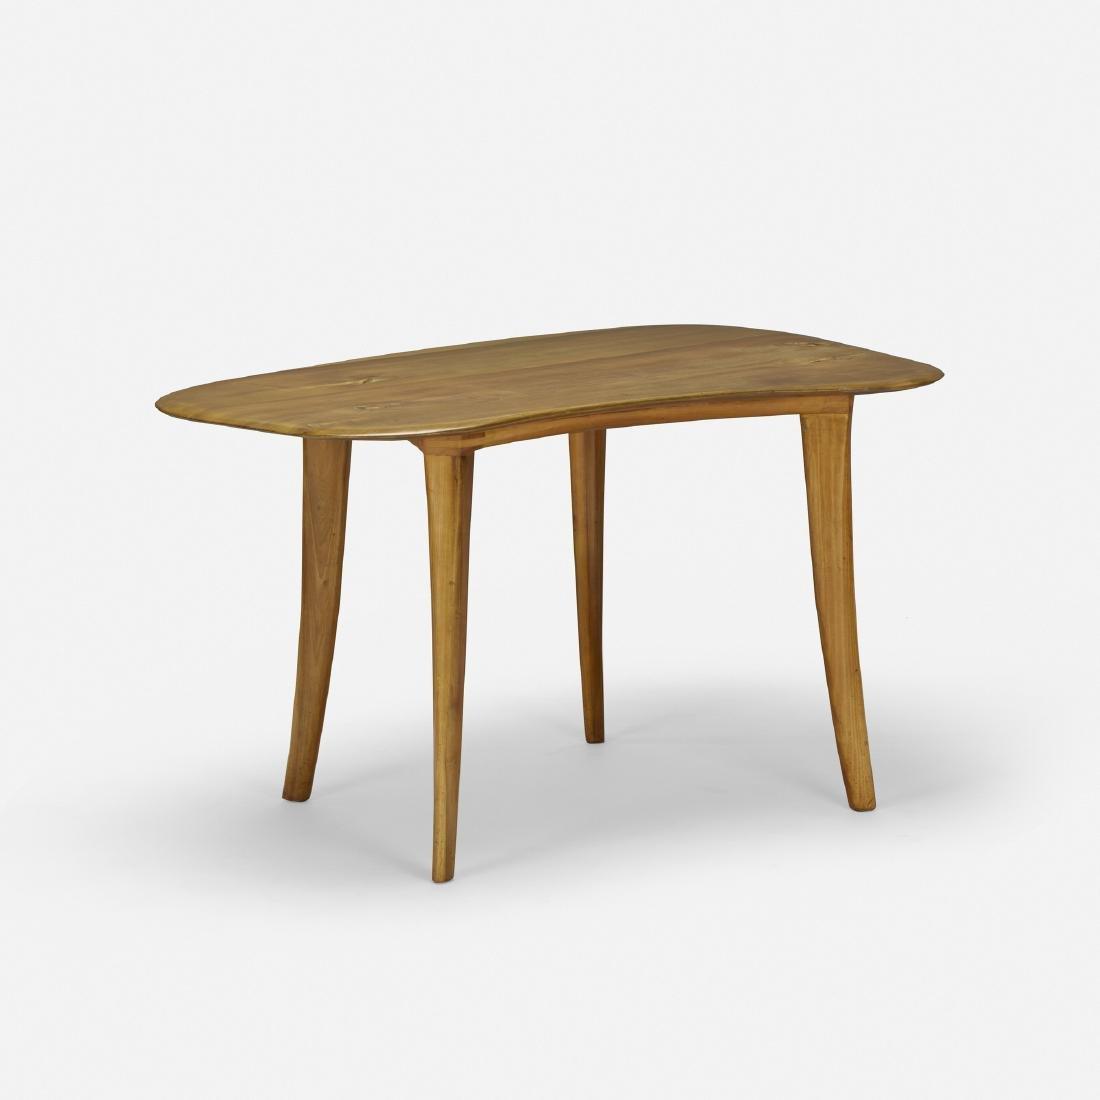 Wharton Esherick, dining table, Seiver Collection